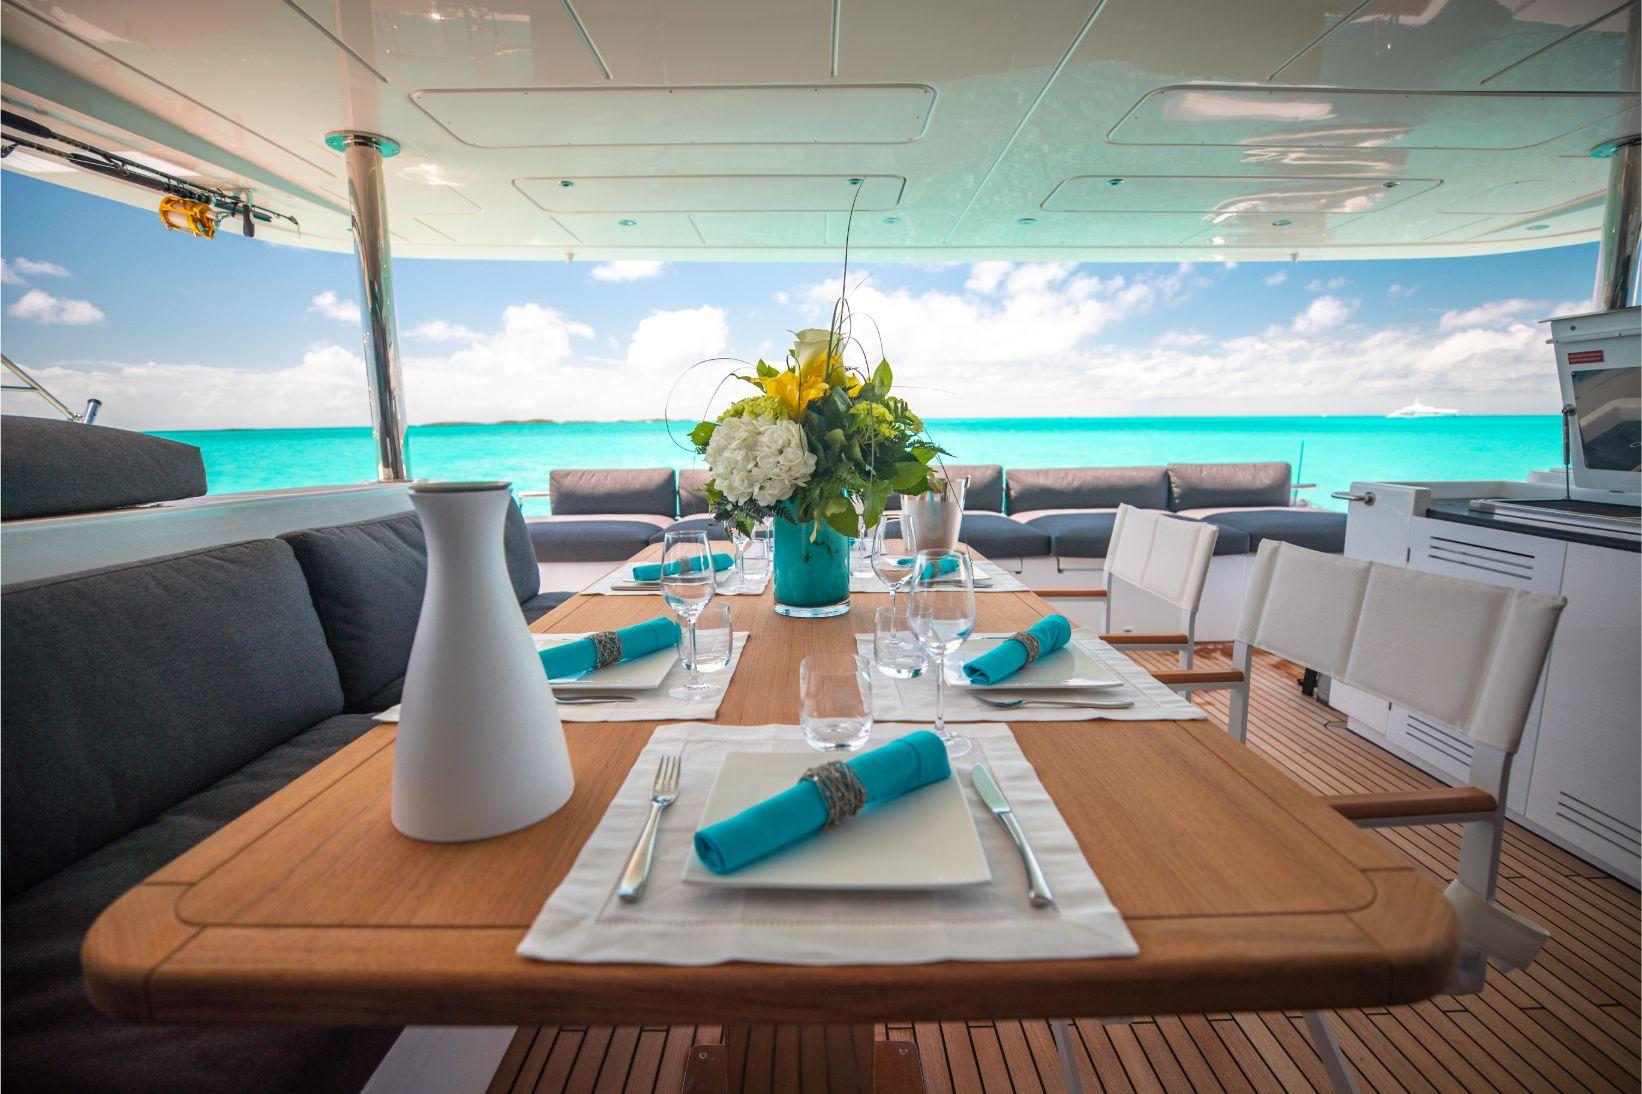 Salle à manger extérieure sur catamaran privé   Bateau de Marc Saulnier   Serenity Navigation